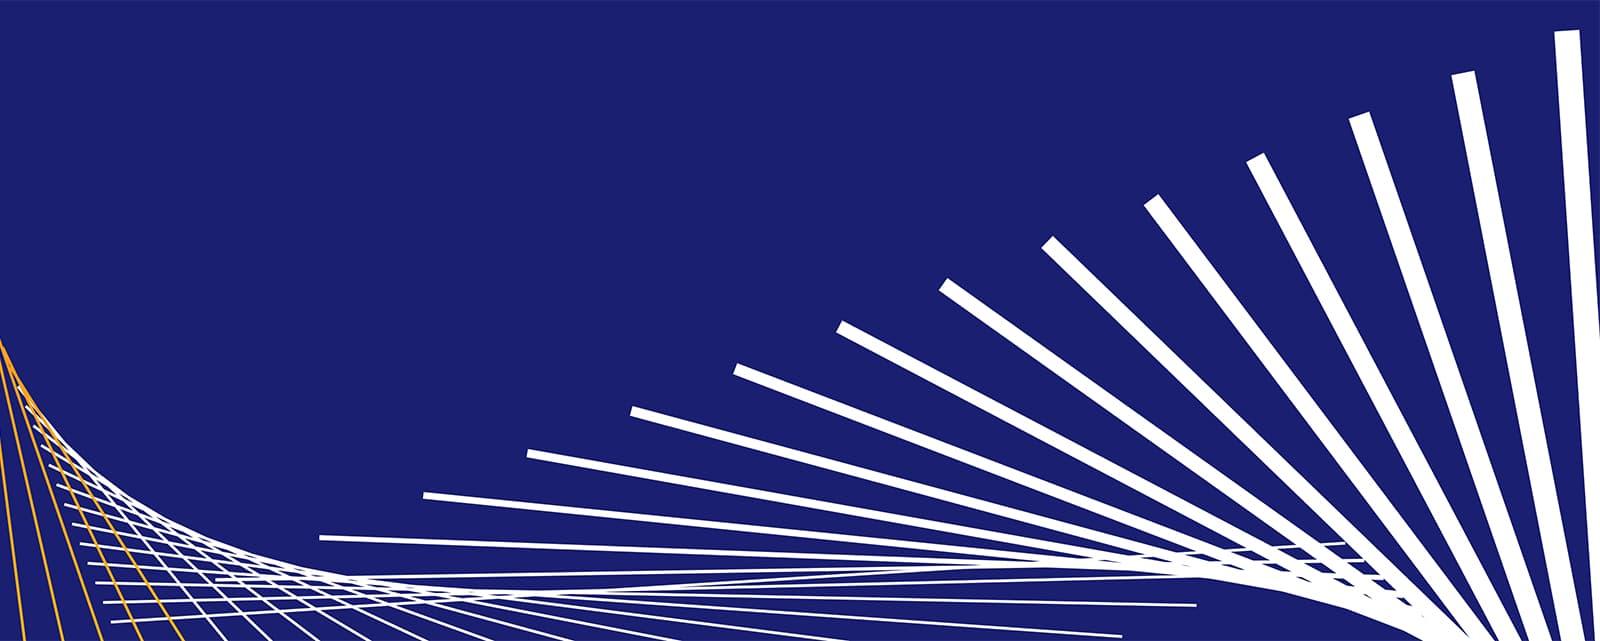 Visa Metlife - Dynamic Flag